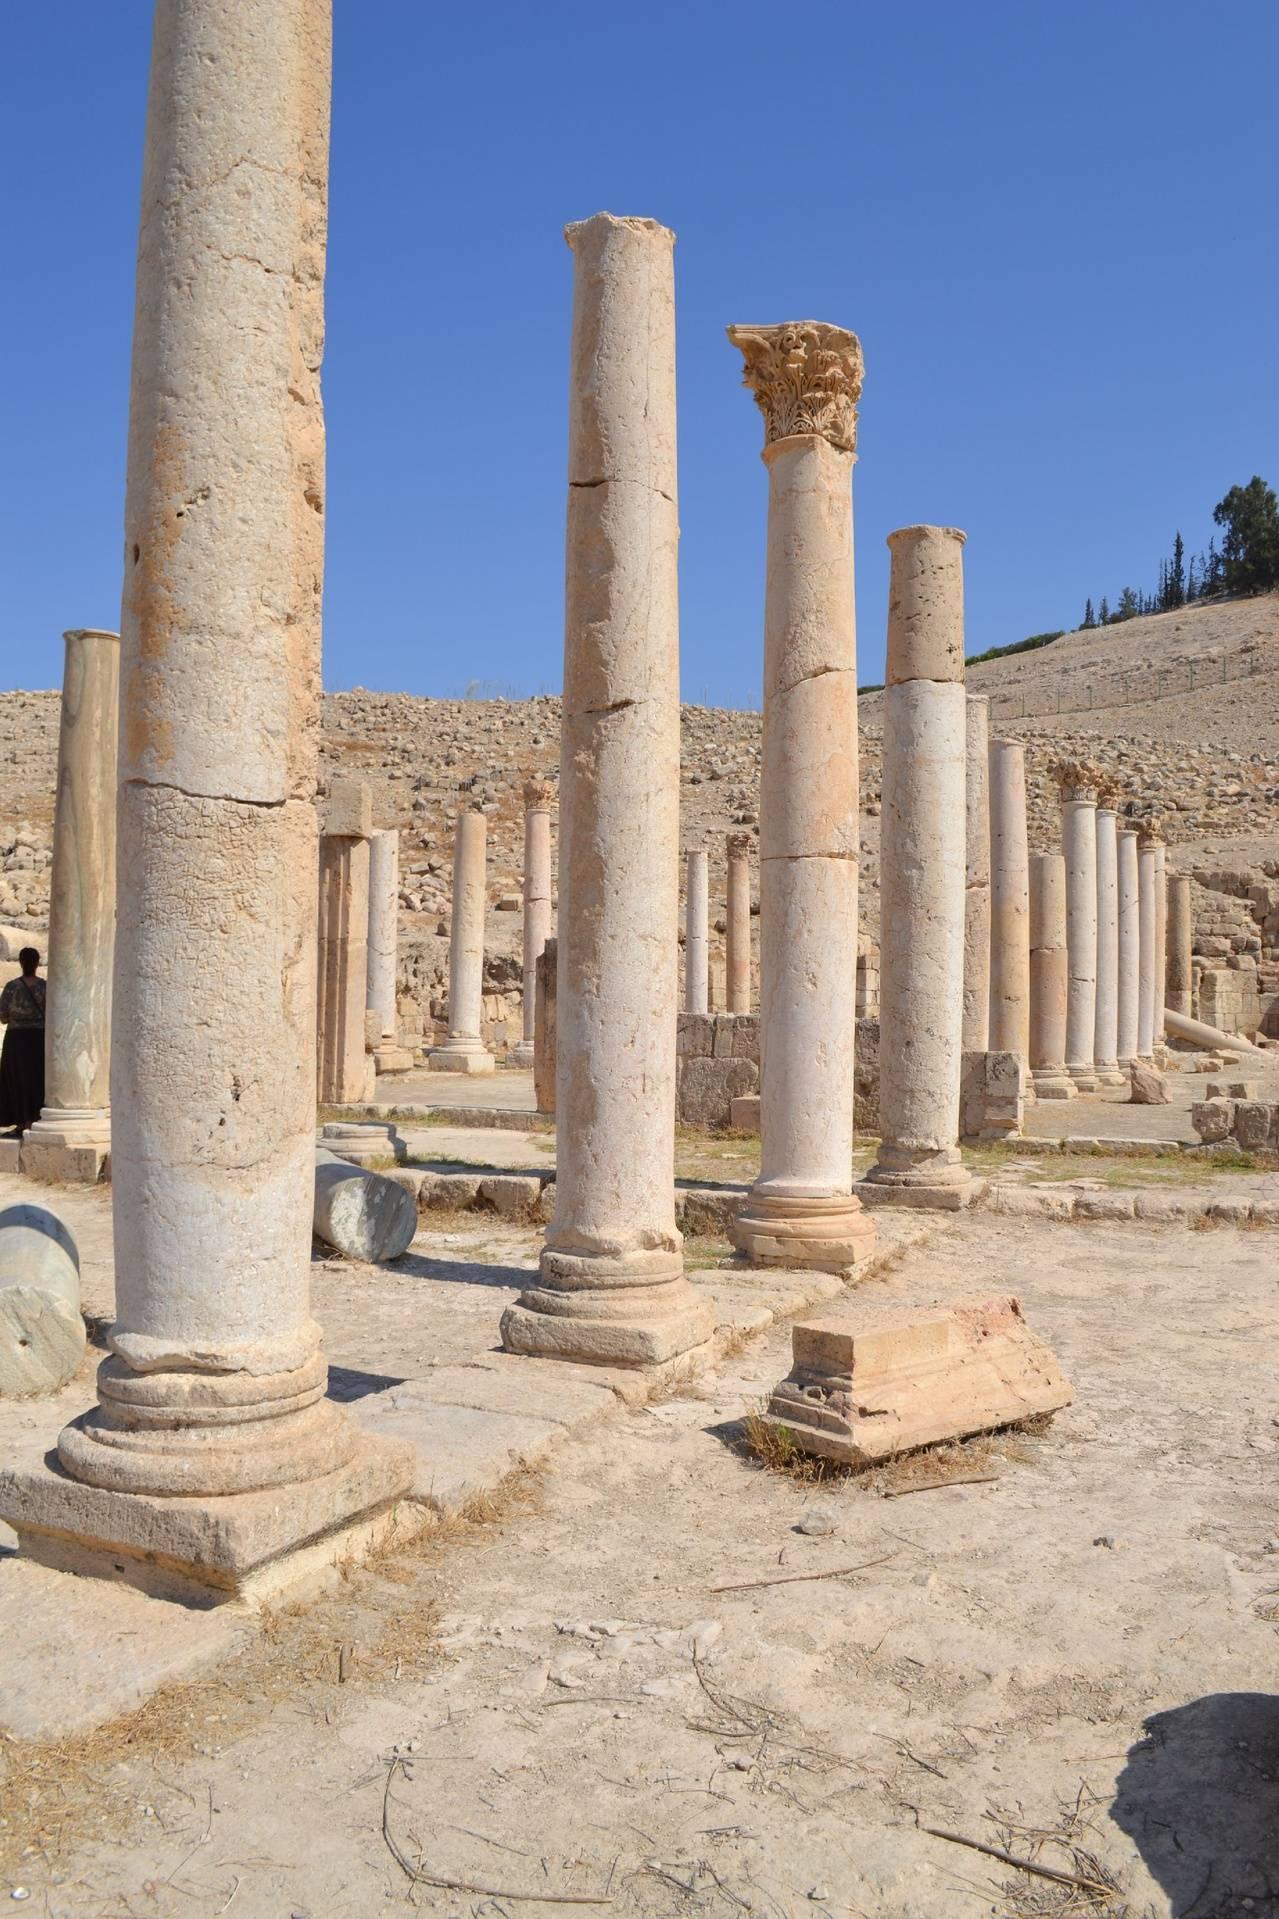 Pella Columns